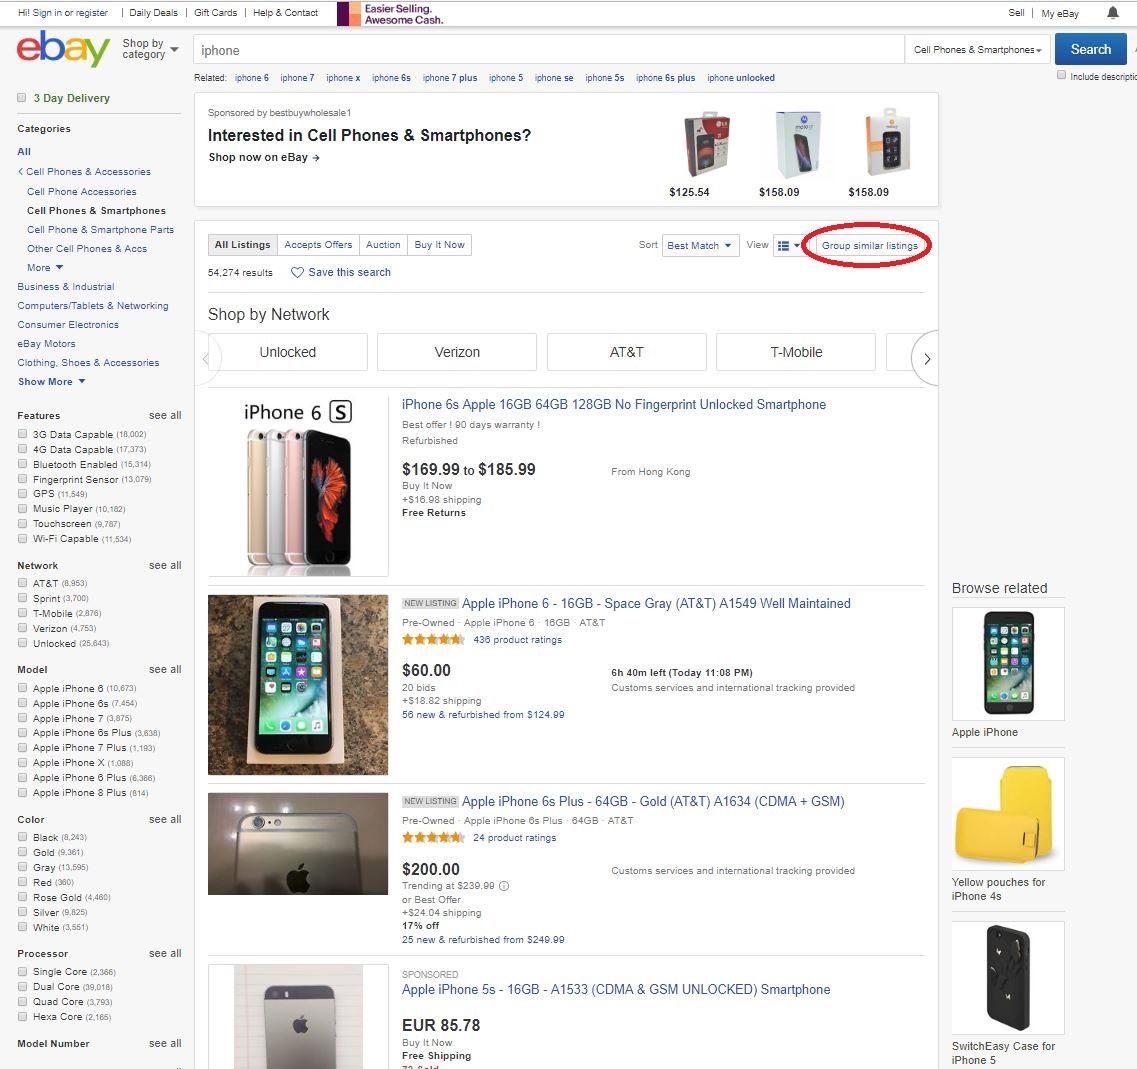 Reguläre Darstellung der Suchergebnisse in eBay